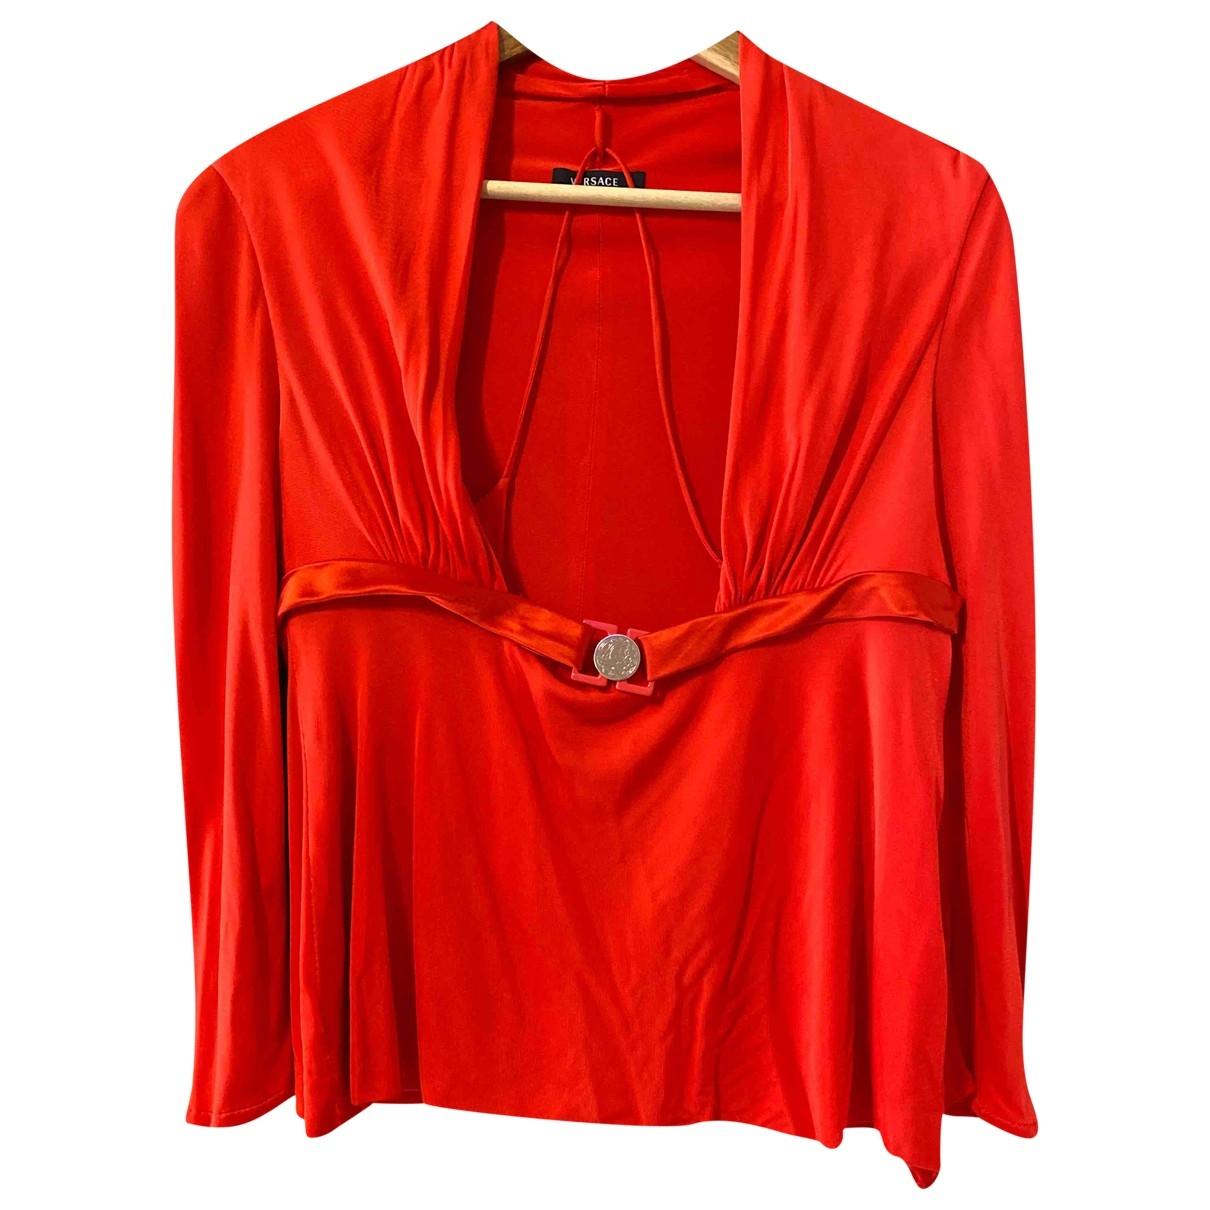 Versace - Top   pour femme - rouge